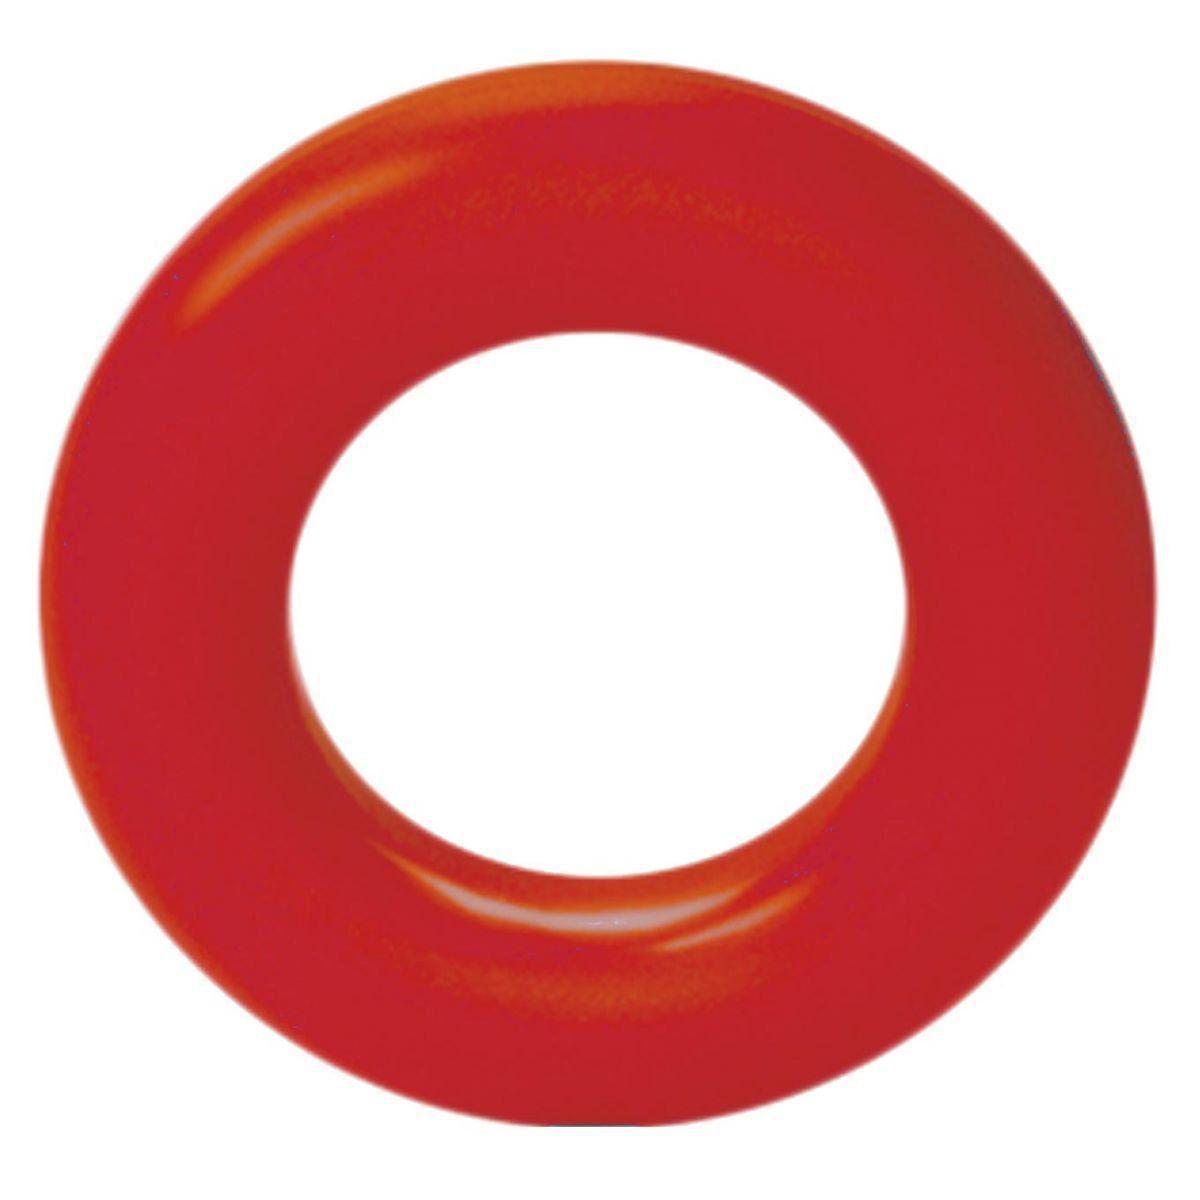 Brinquedo Mordedor Lider Argola - Vermelho